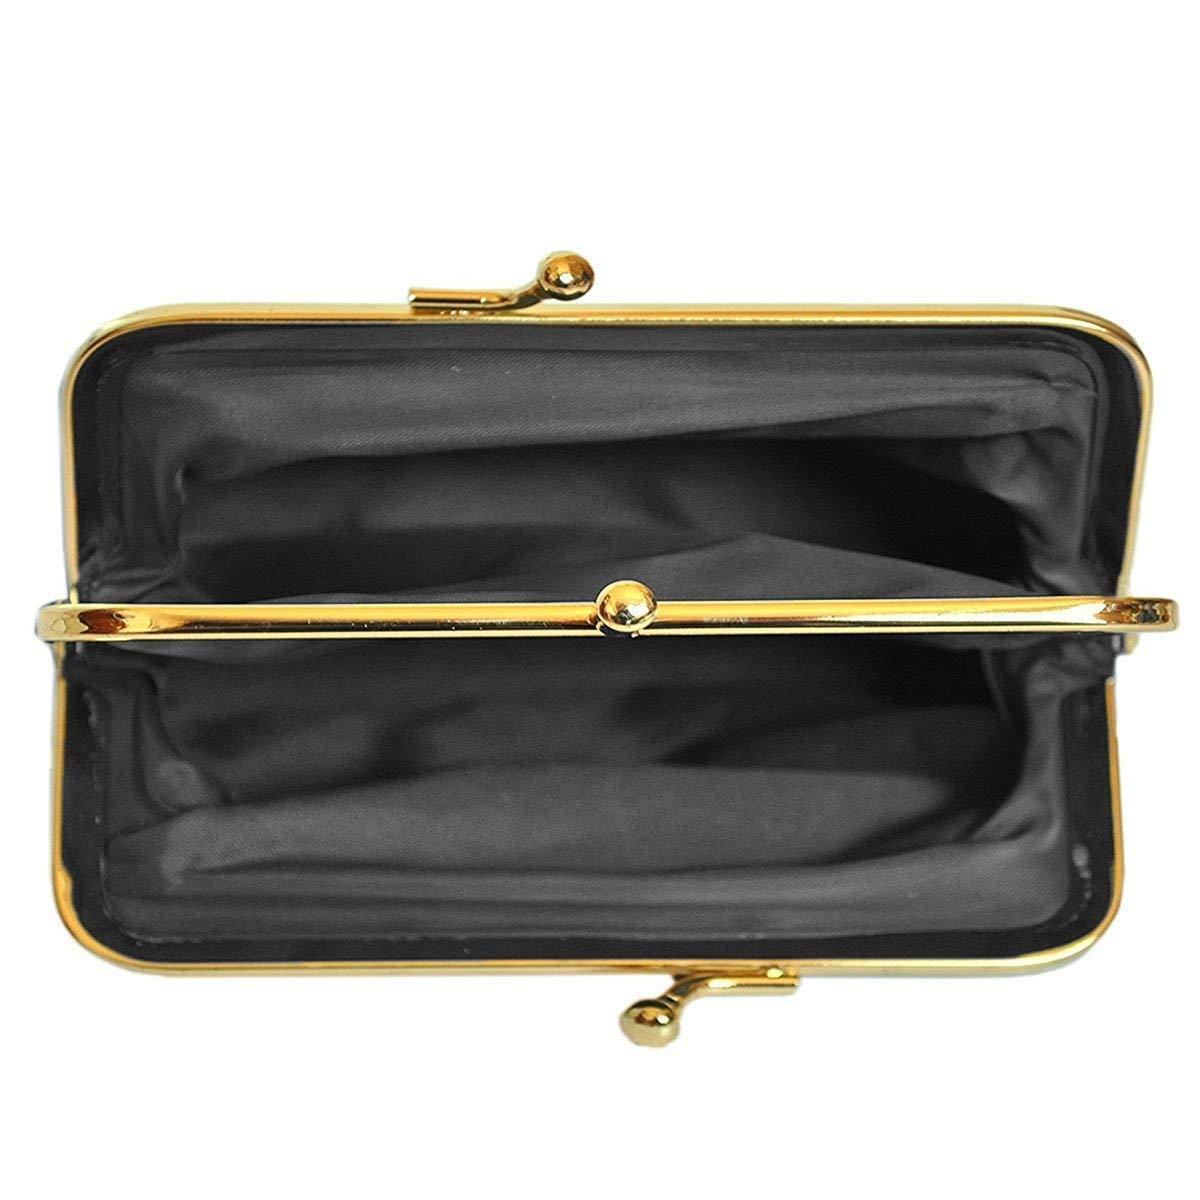 Bolsillo con Cremallera 14,5 x 9 x 3,5 cm 2 Compartimentos Piel de Cordero Monedero para Mujer con Cierre de Clic clac